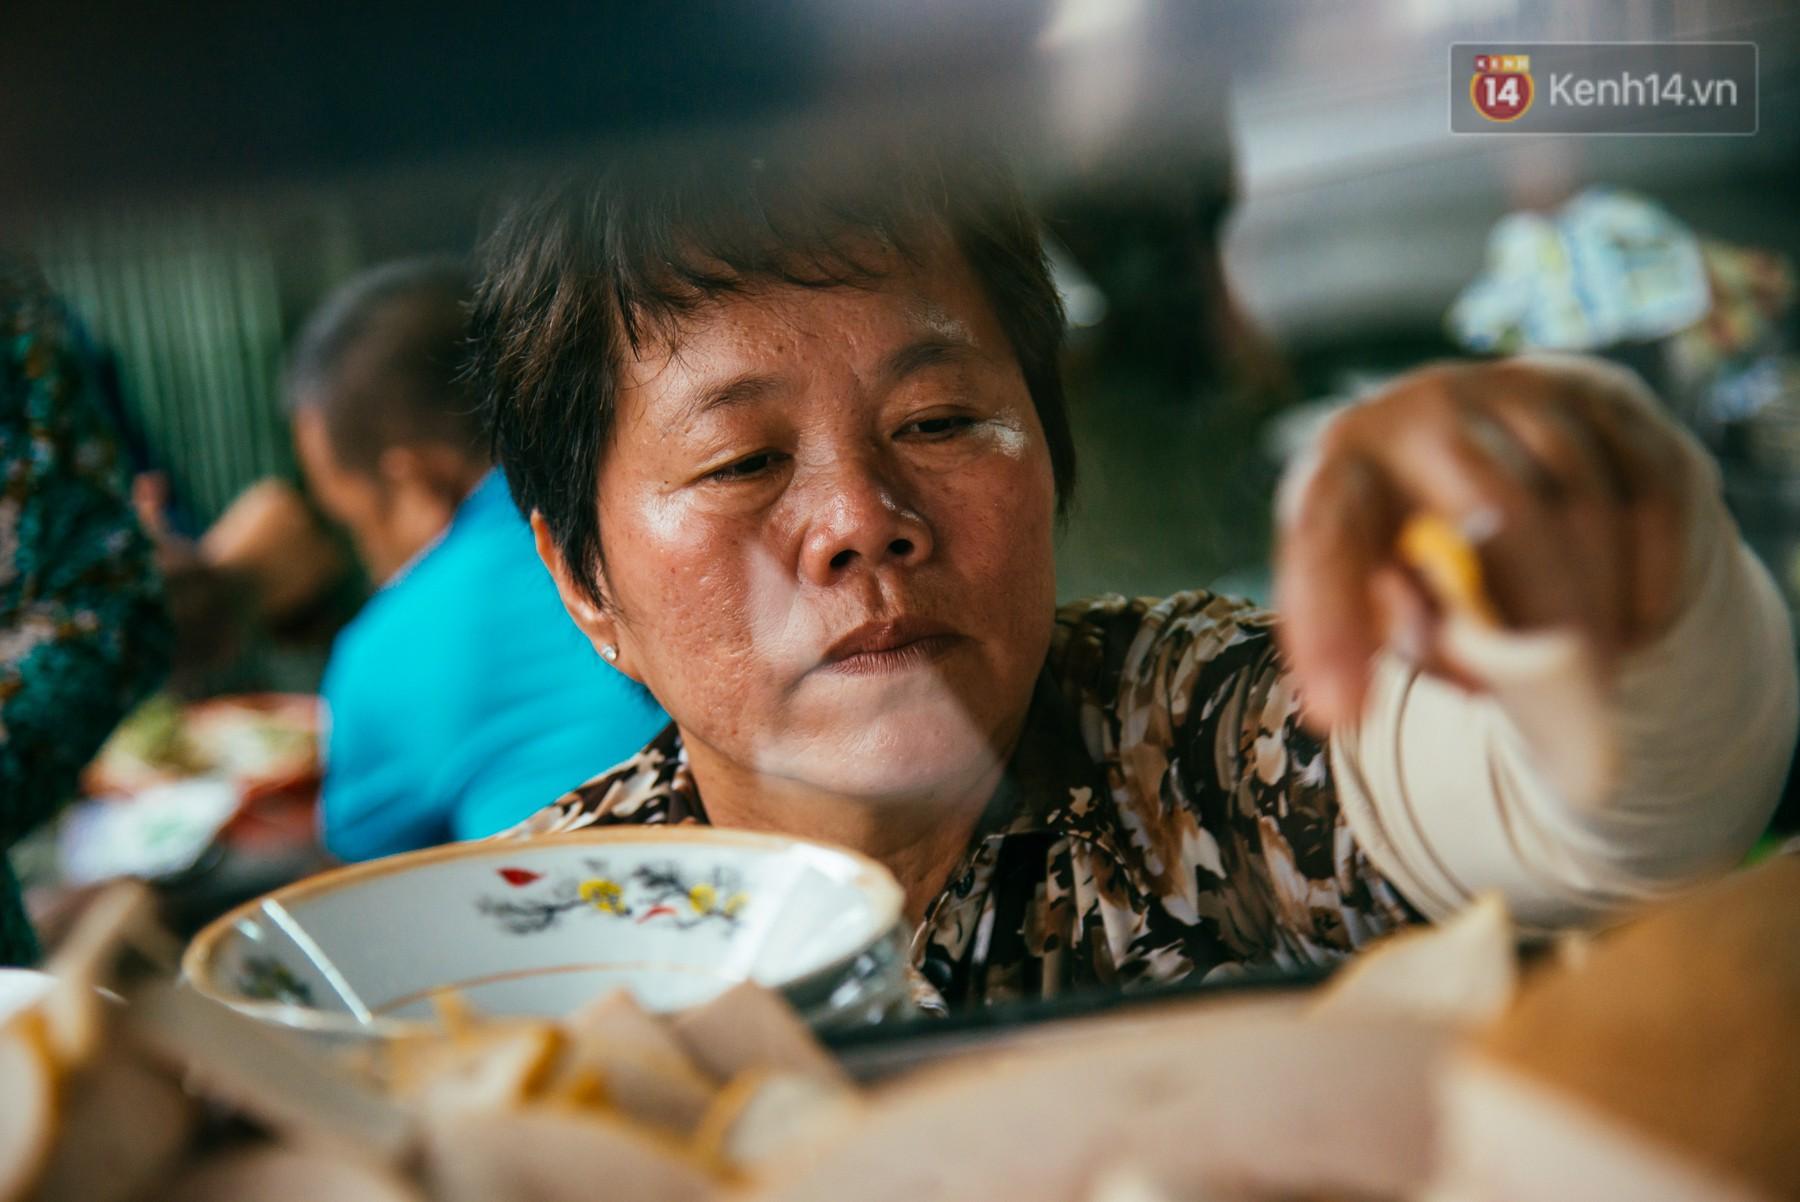 Quán bún riêu 30 năm tuổi ở vỉa hè Sài Gòn có gì hấp dẫn mà Trường Giang trở thành khách quen lâu năm? - Ảnh 10.